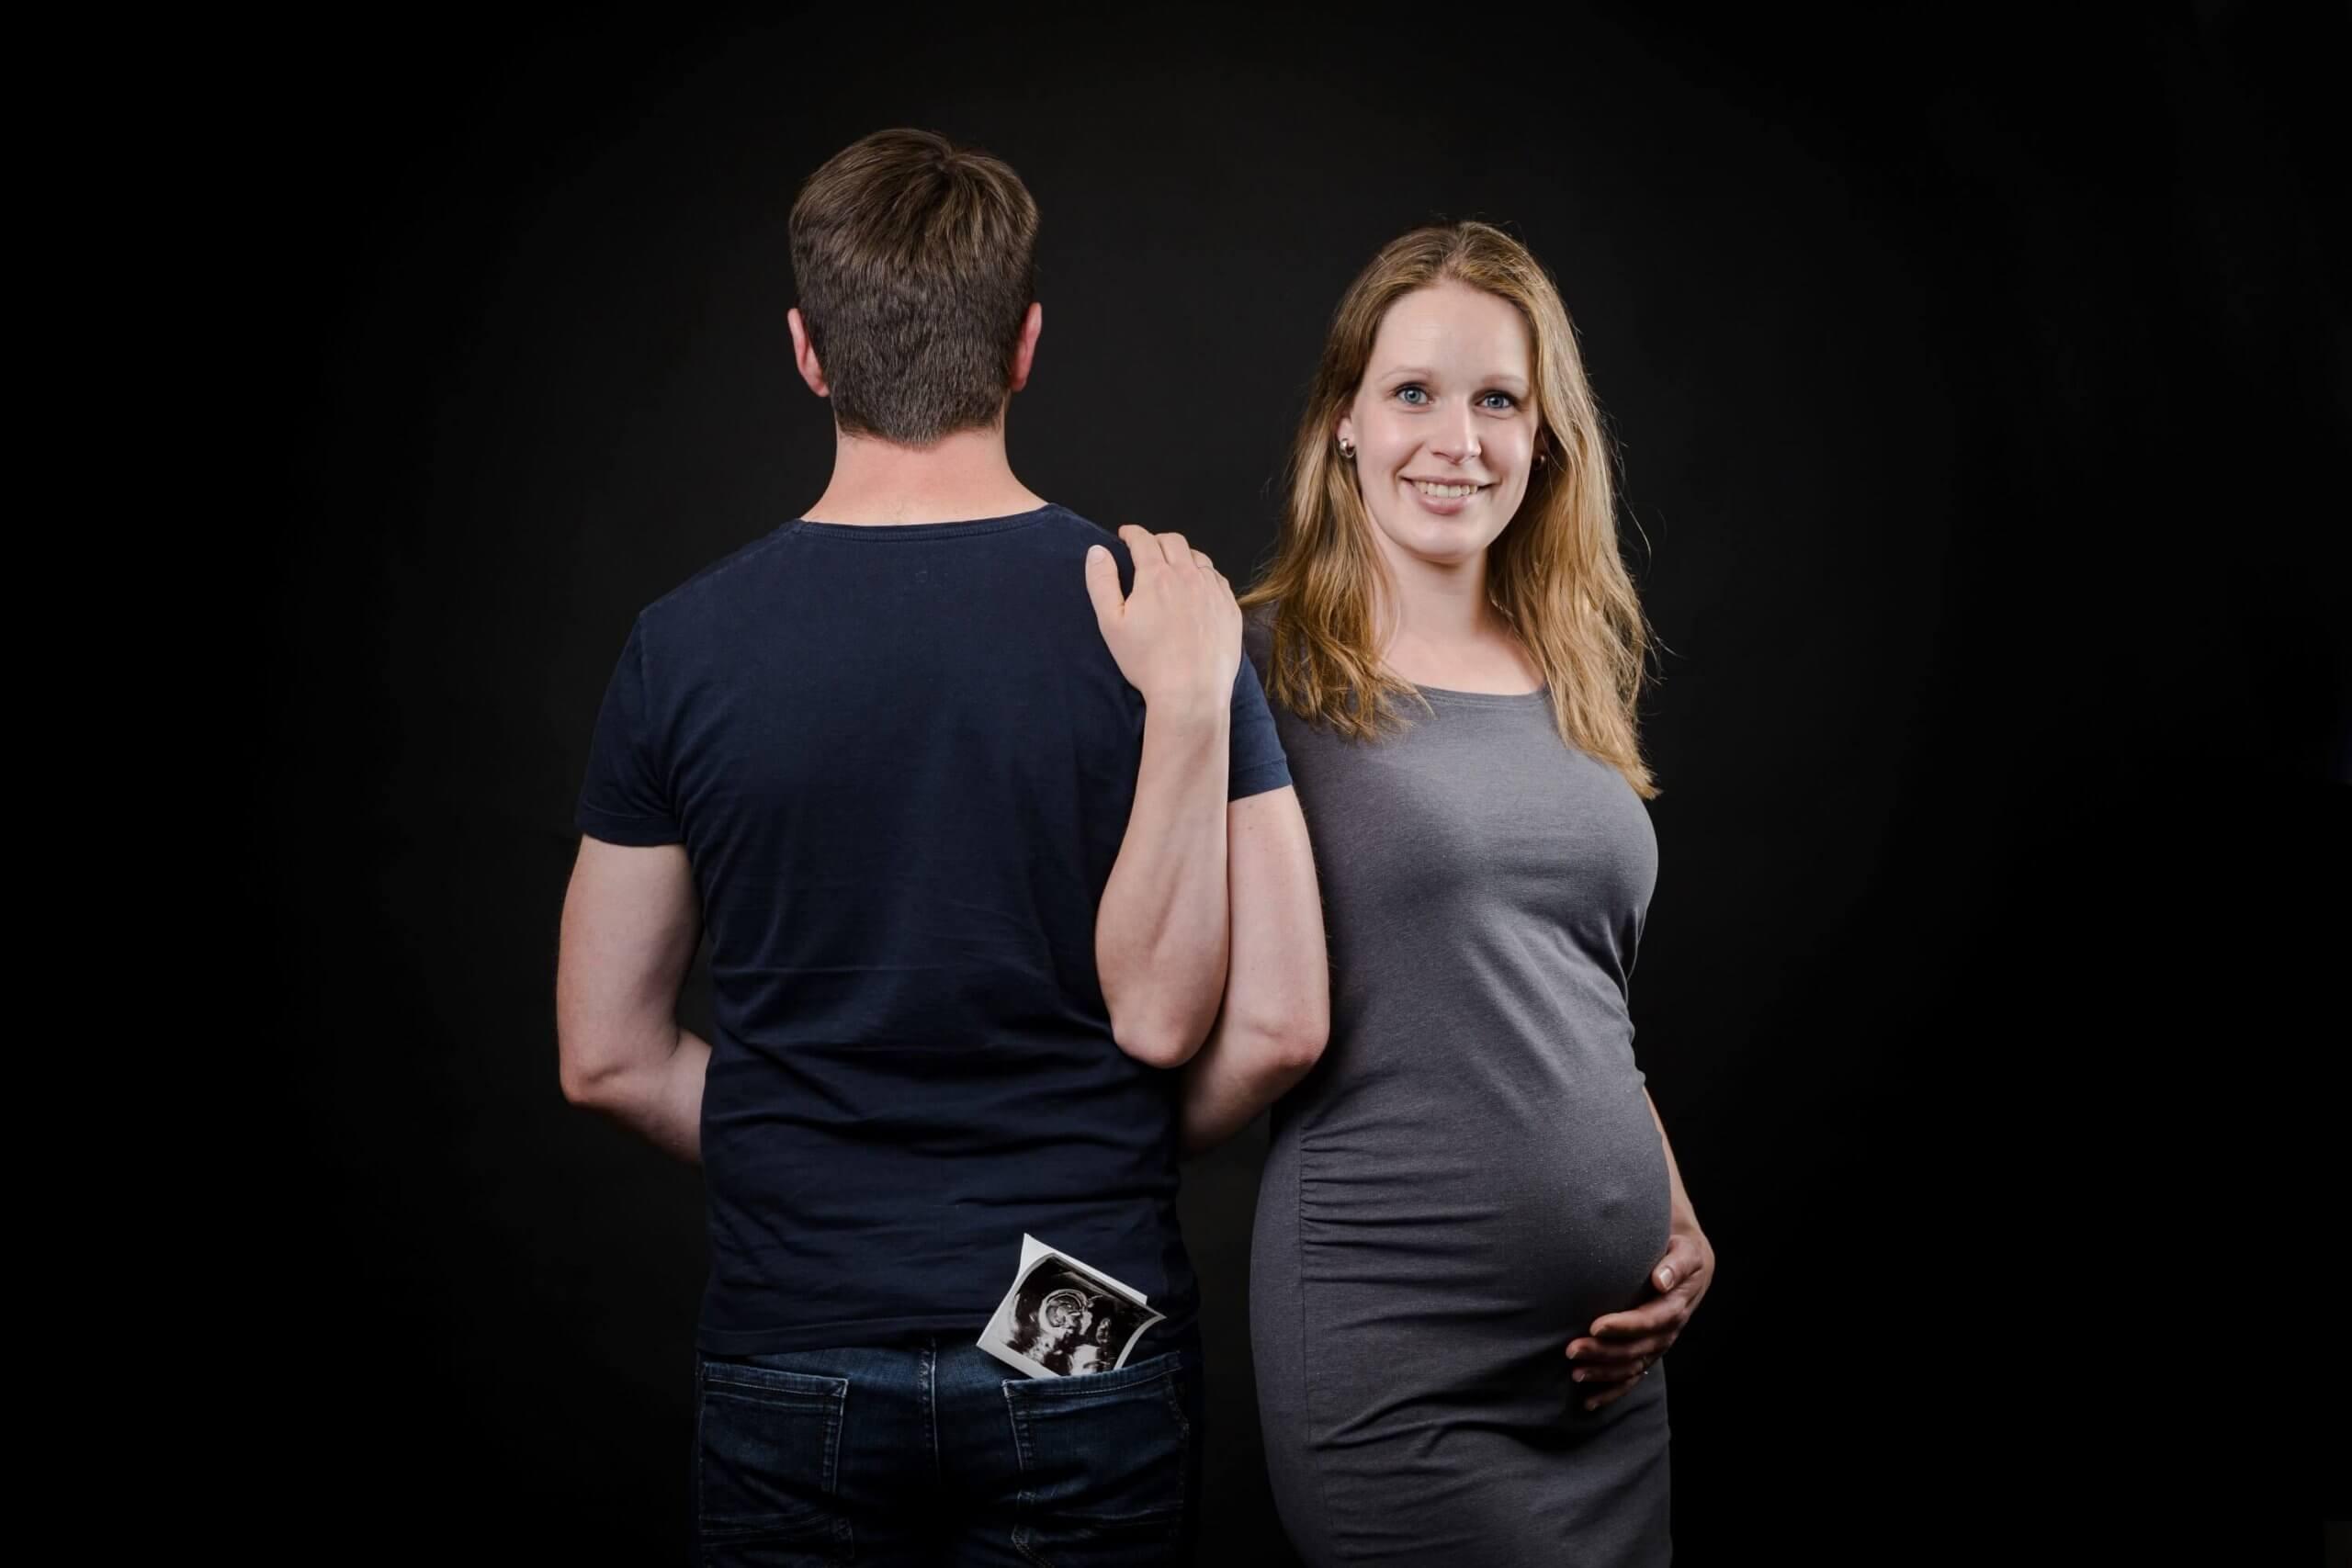 Zwangerschap koppel samen ouder worden echo fotoshoot studio tiel maurik